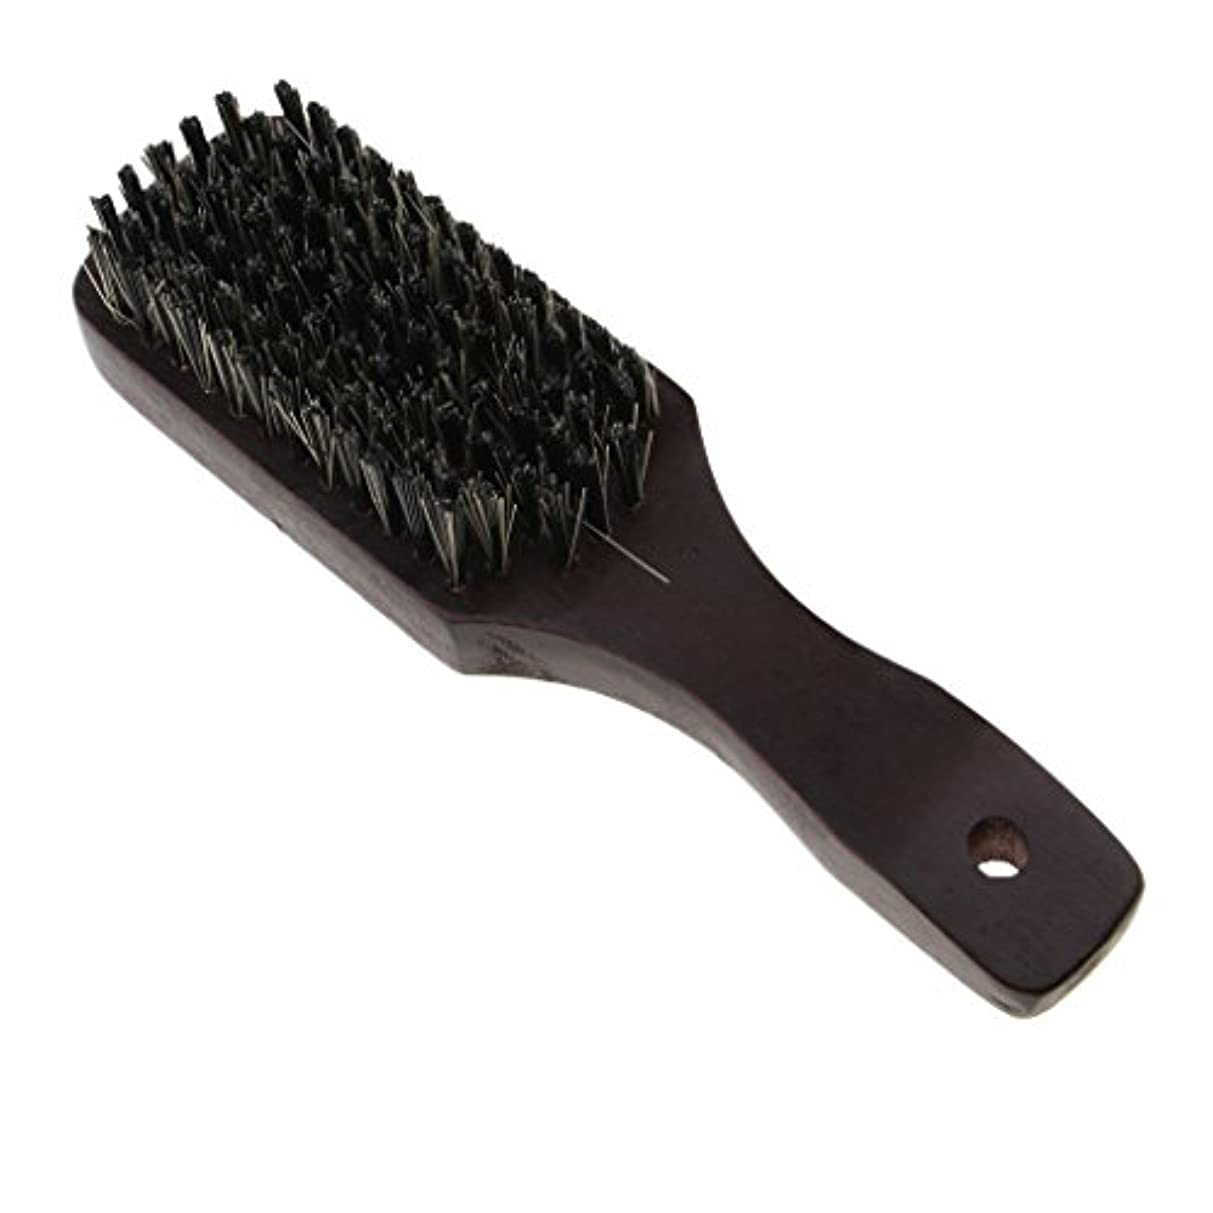 平衡興奮腐ったヘアブラシ 髪の櫛 木製 サロン バリバー アフロ ヘアピック ブラシ 櫛